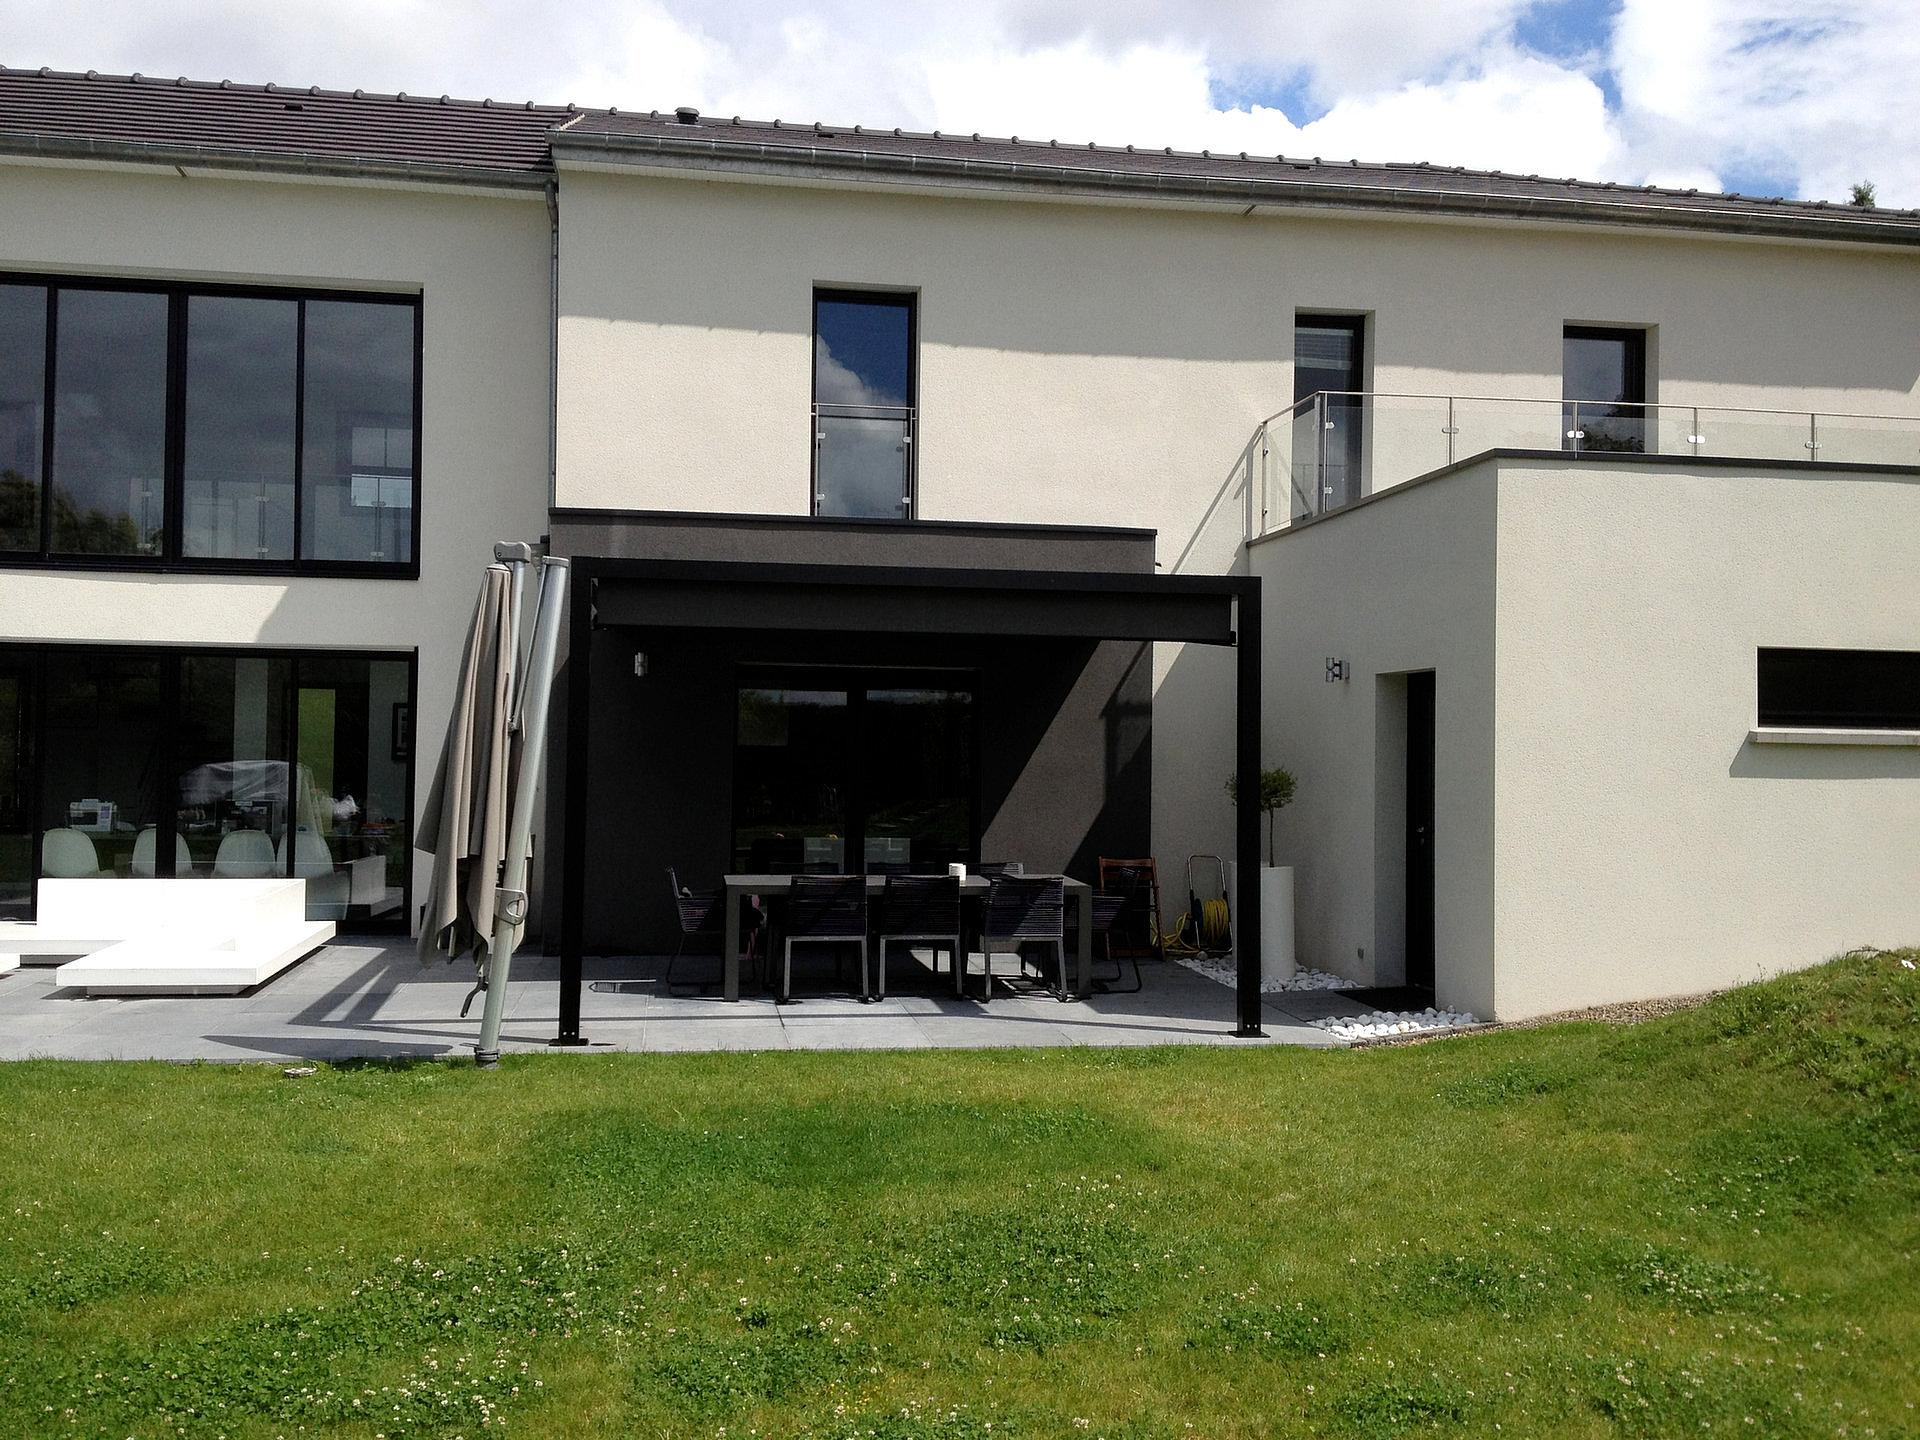 Ideea terrasse mod le id2 design - Exemple de terrasse carrelee ...